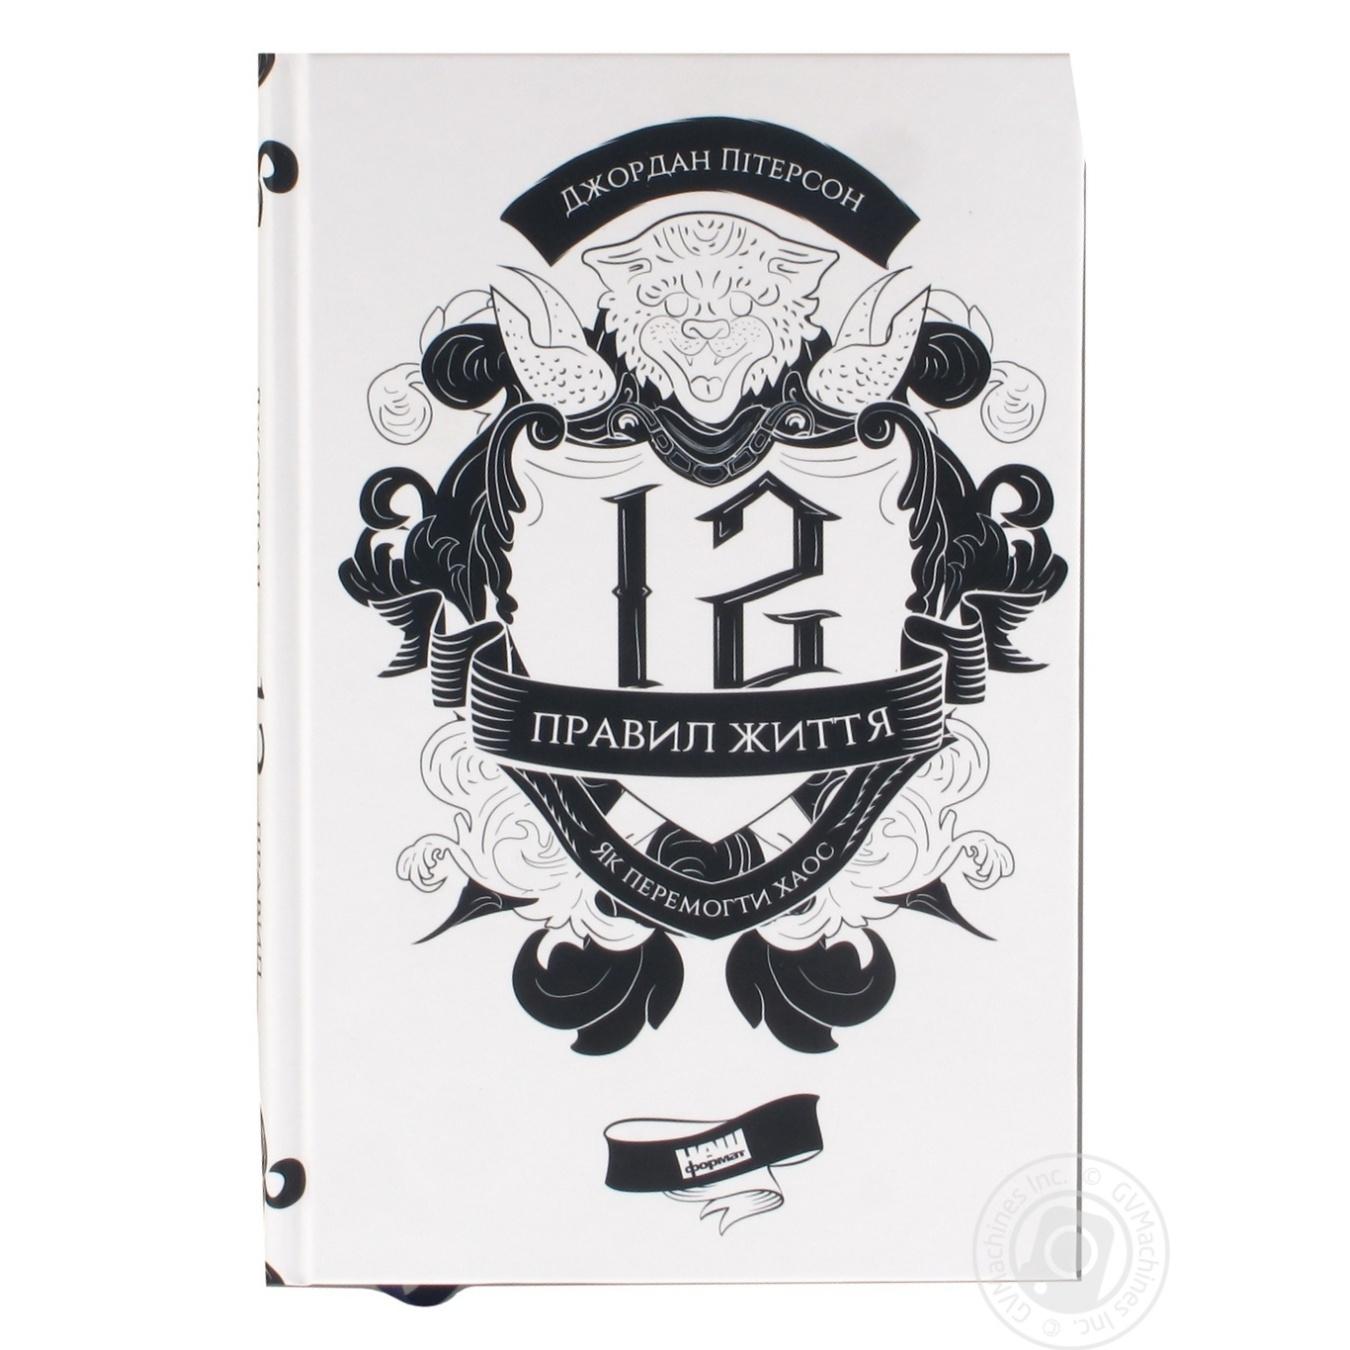 """Книга Джордан Пітерсон """"12 правил життя"""""""